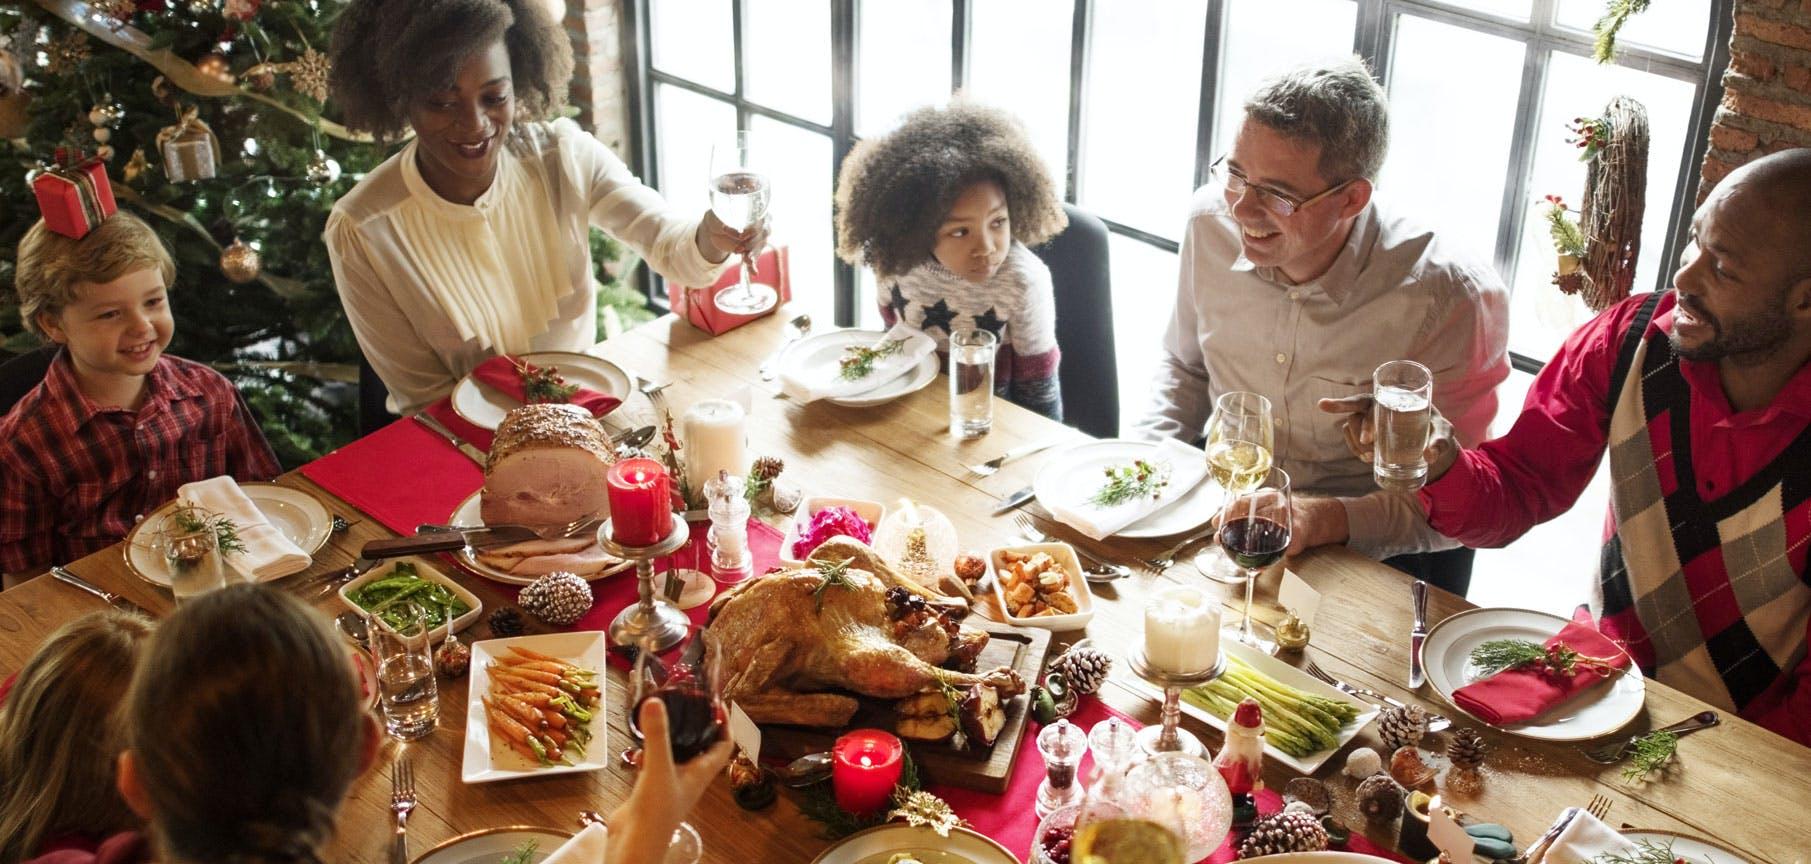 large family having Christmas Dinner